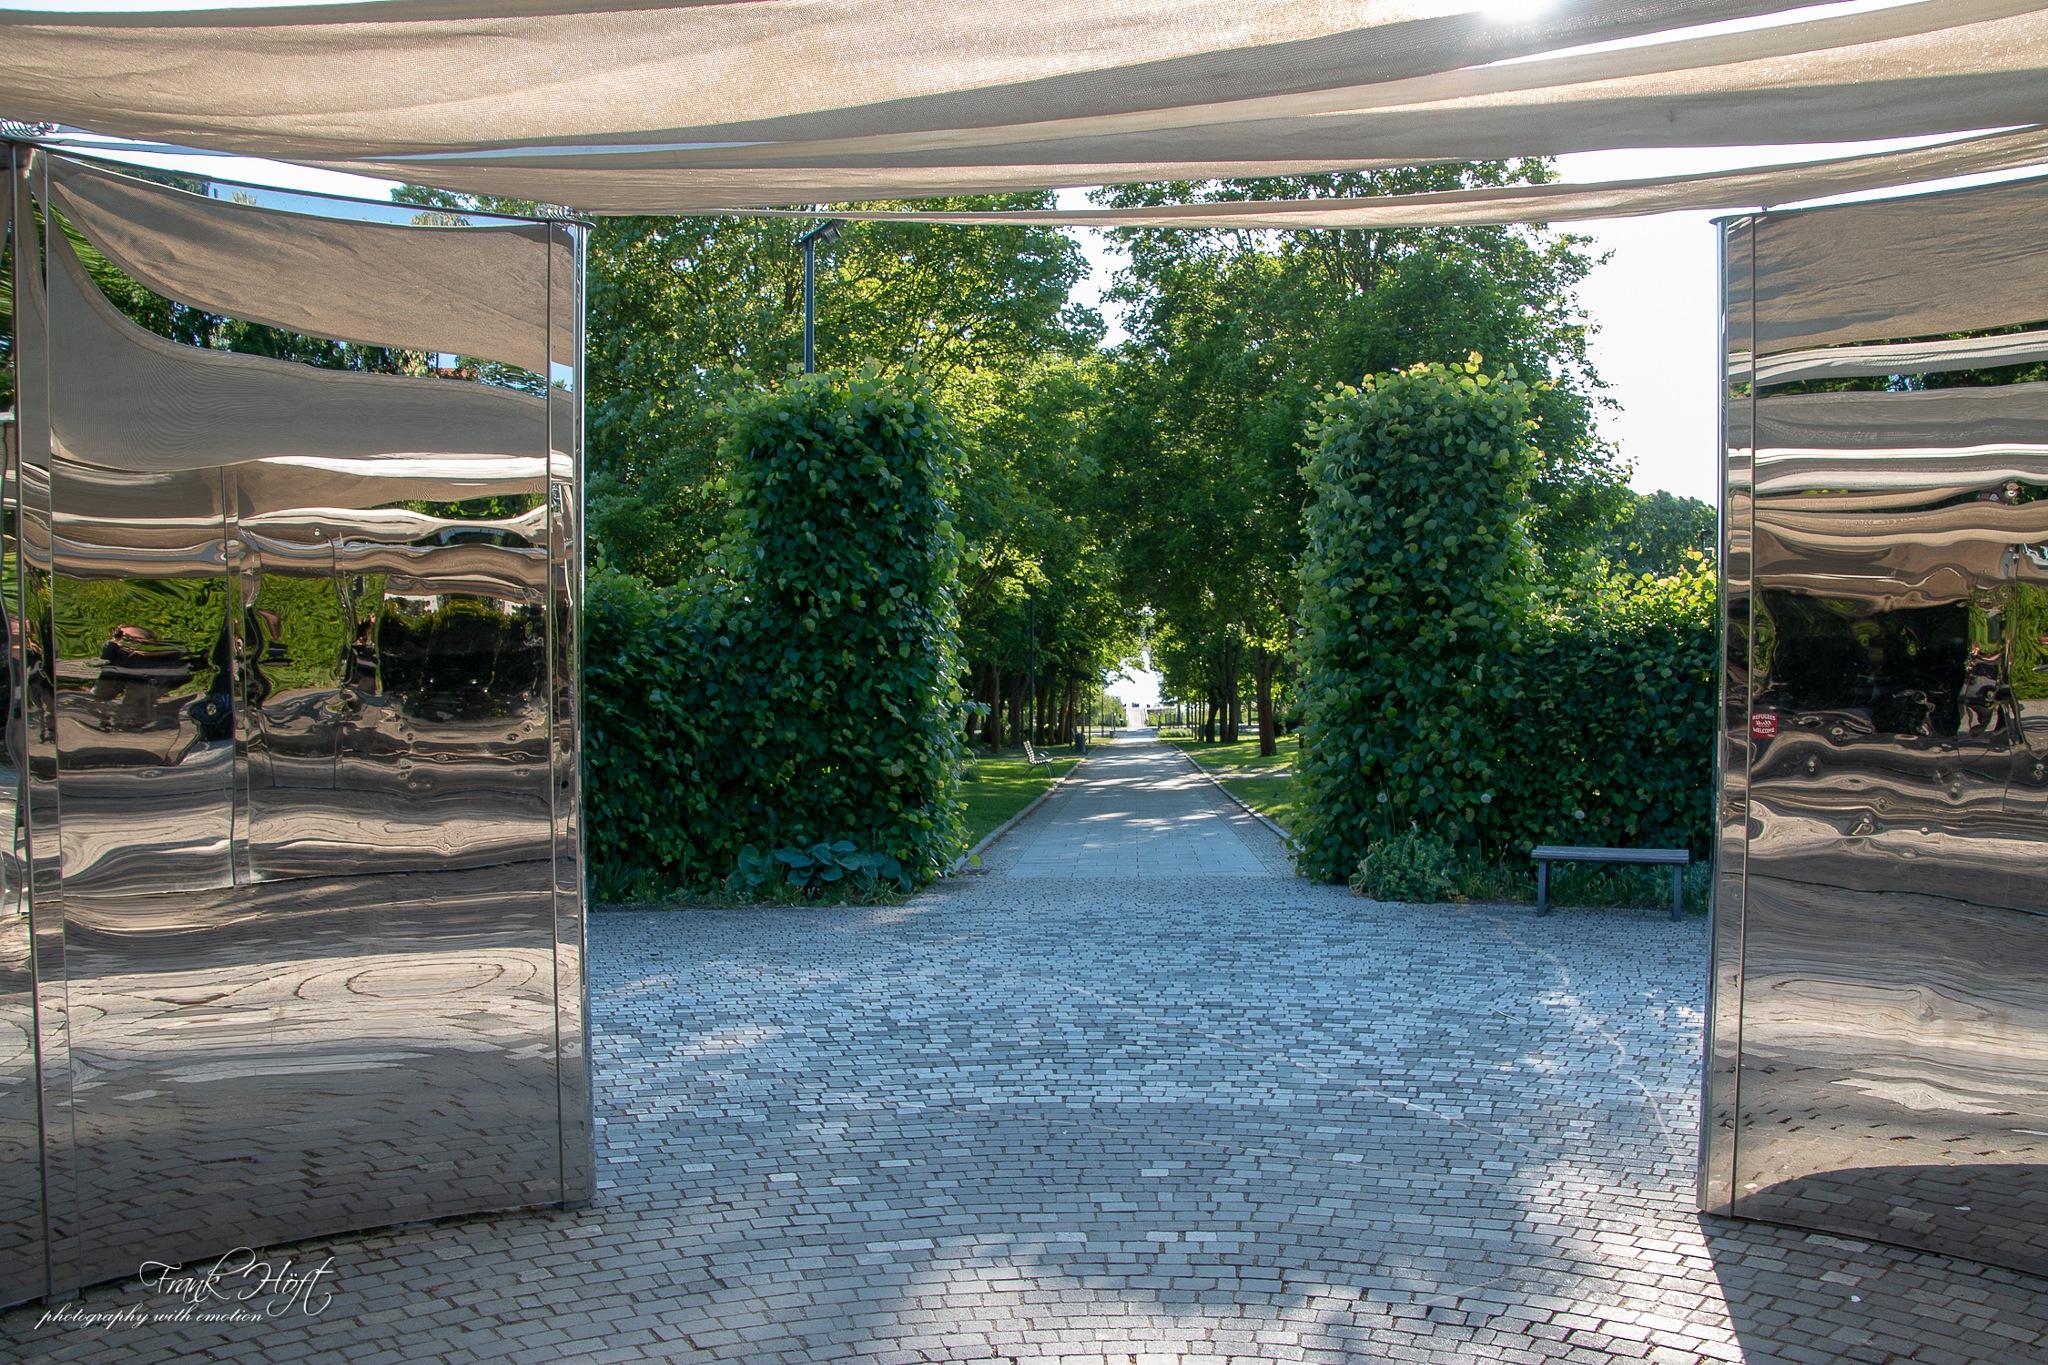 mirror space by Frank Höft